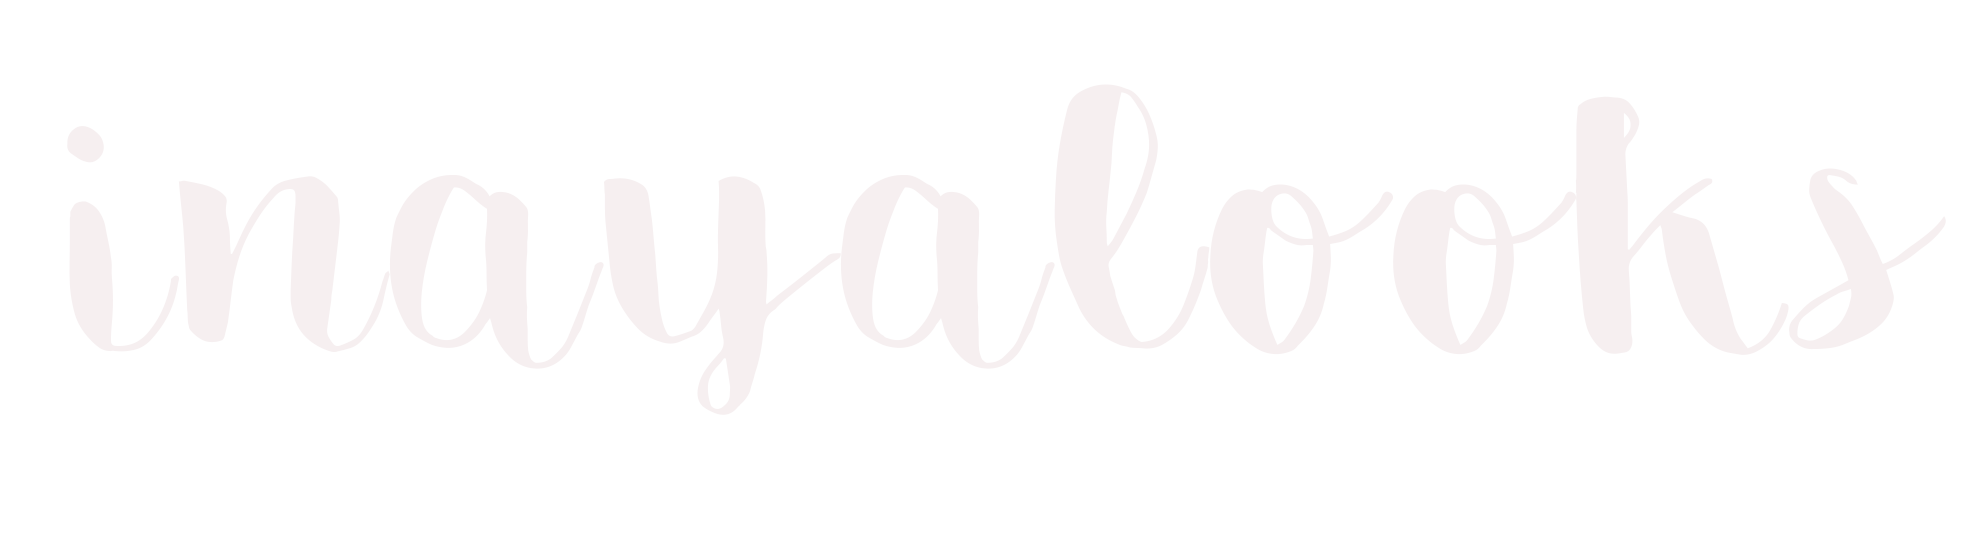 inayalooks